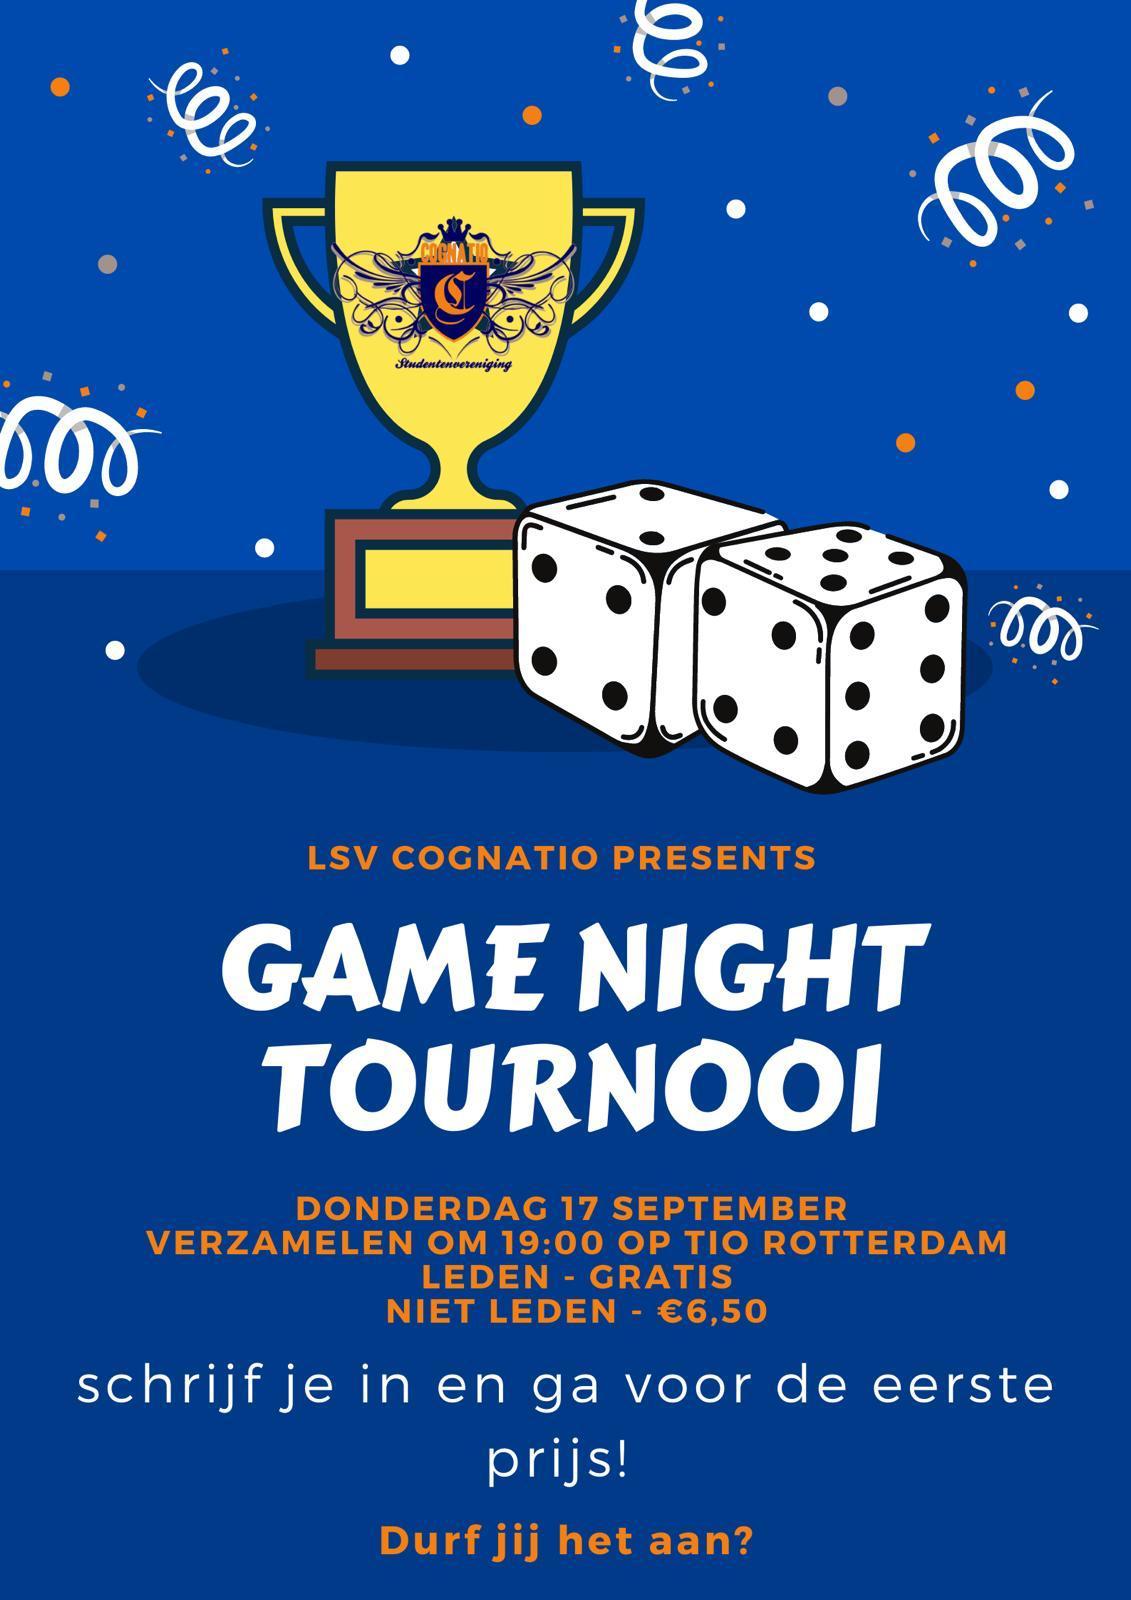 [ROT] Game Night Toernooi